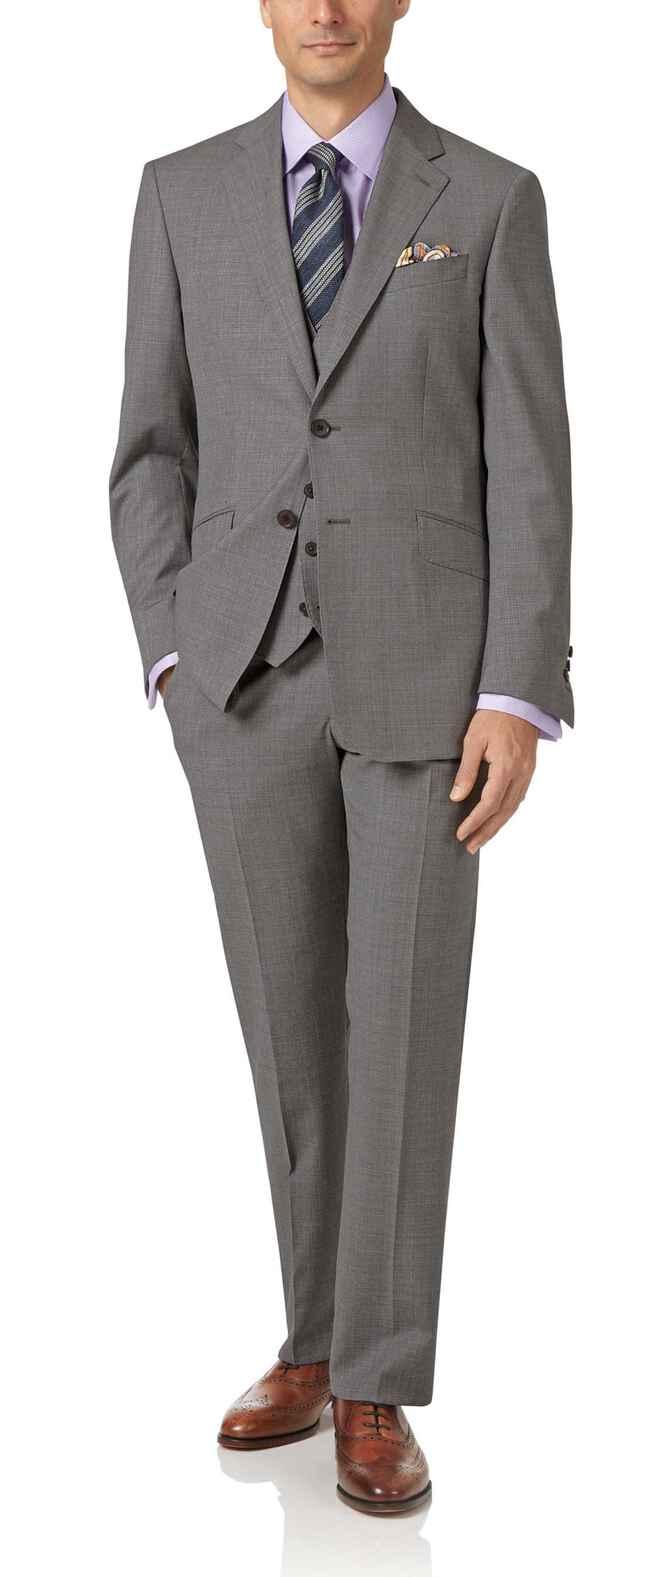 44082d90b706 Silver slim fit Italian cross hatch weave suit | Charles Tyrwhitt